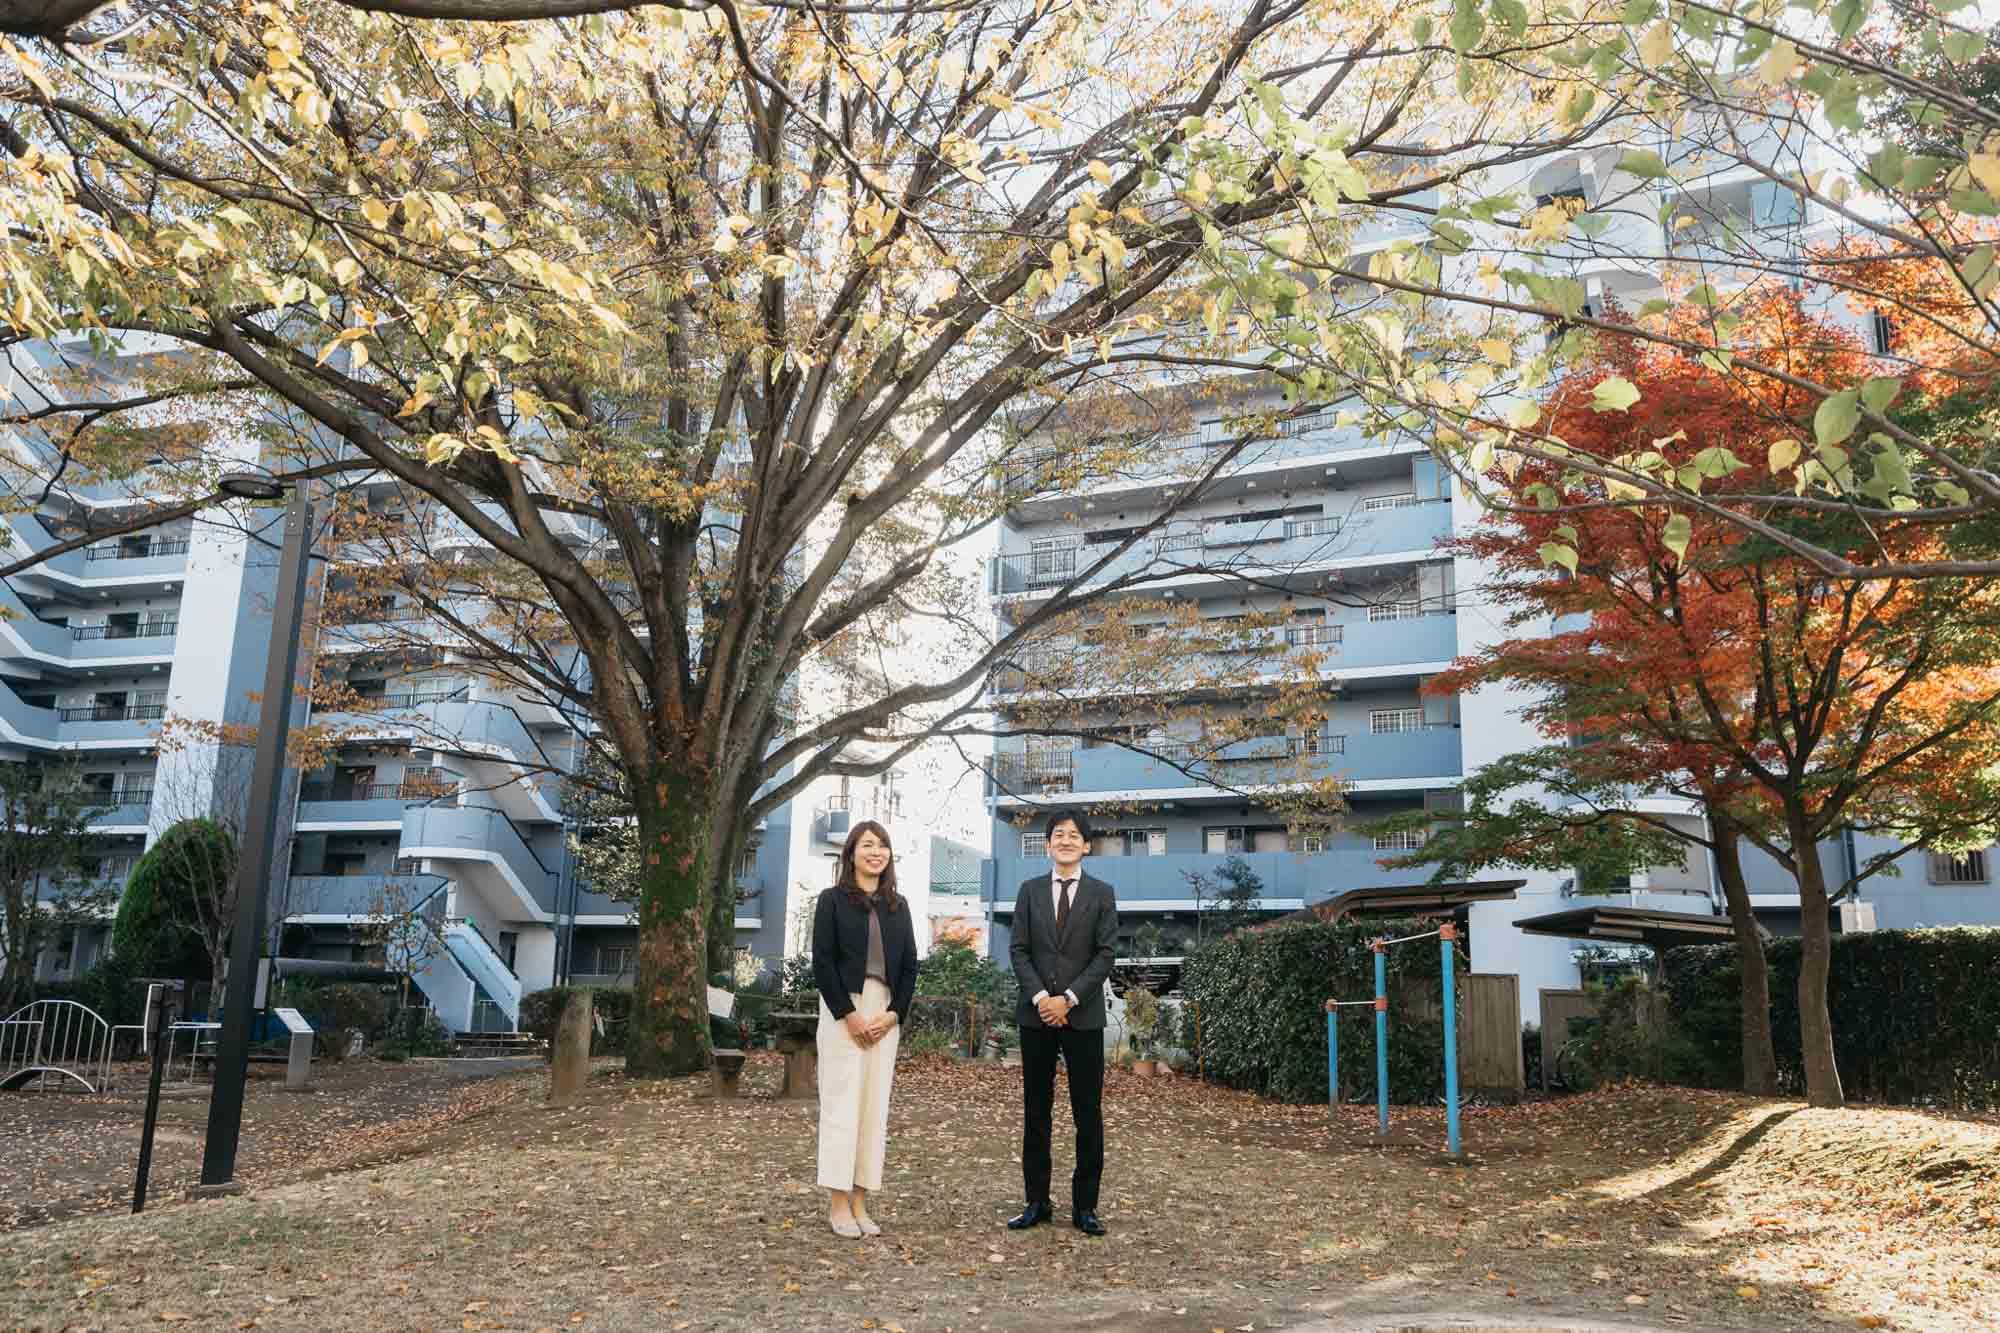 「サンヴァリエ桜堤」を紹介してくださるのは、UR都市機構の山内さんと濱田さん。(写真左から)